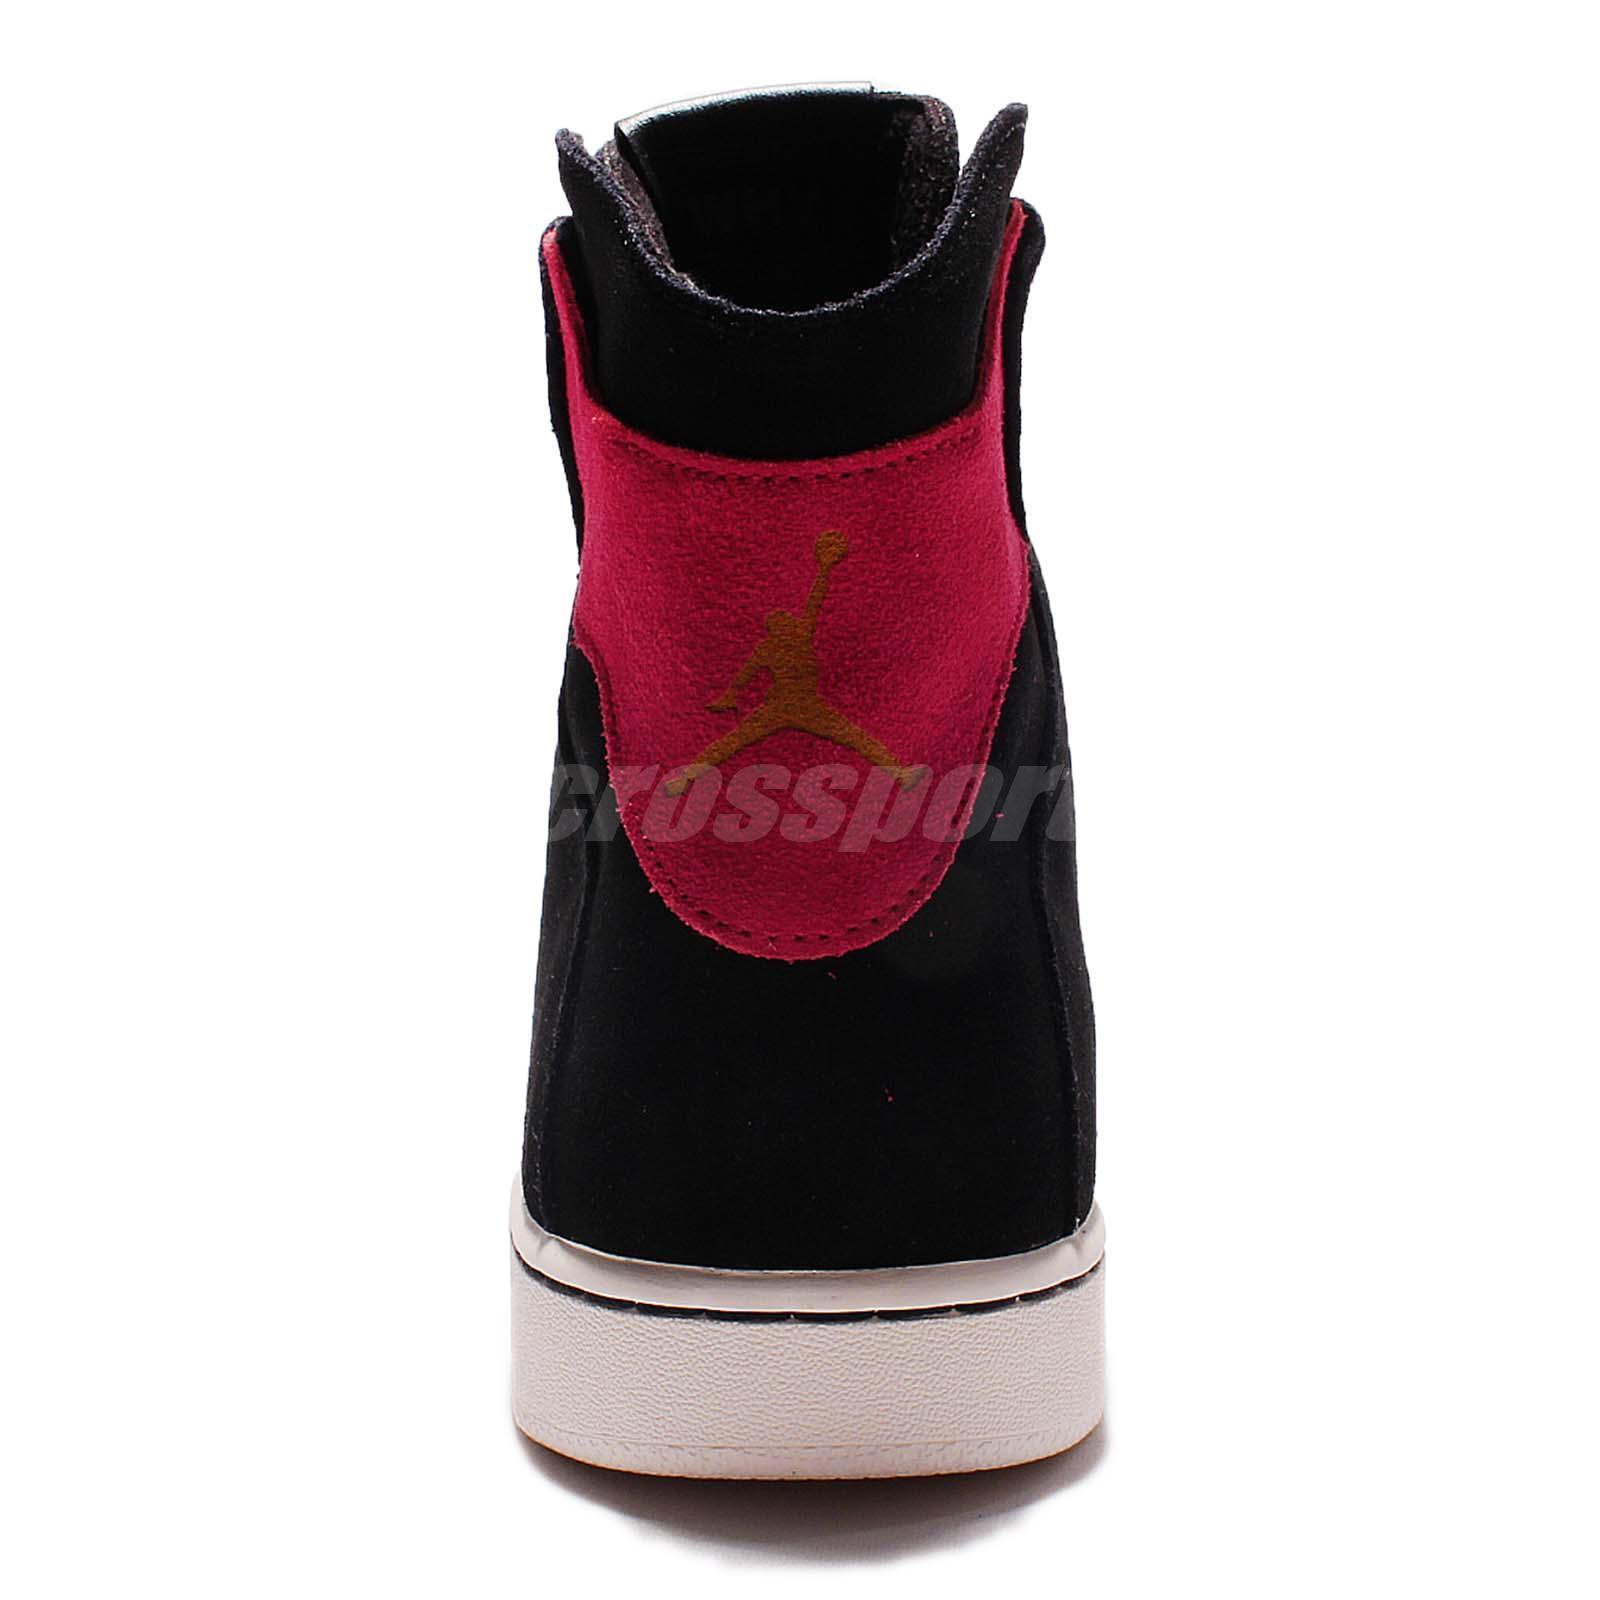 Jordan Westbrook 0.2 Black Red Heel